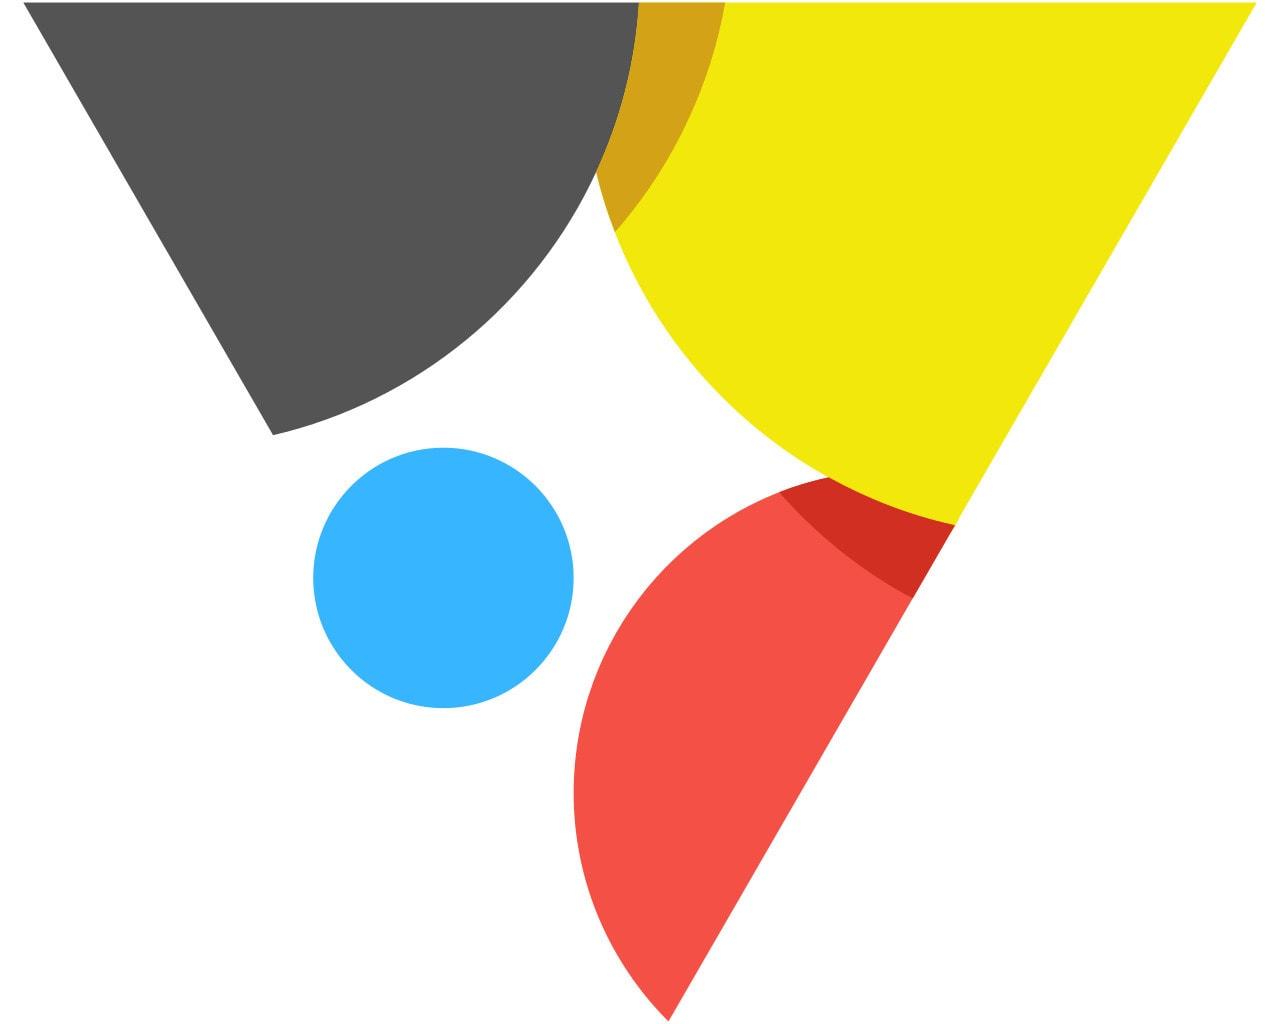 Logo de 20eme Siecle dans le style de Mondrian